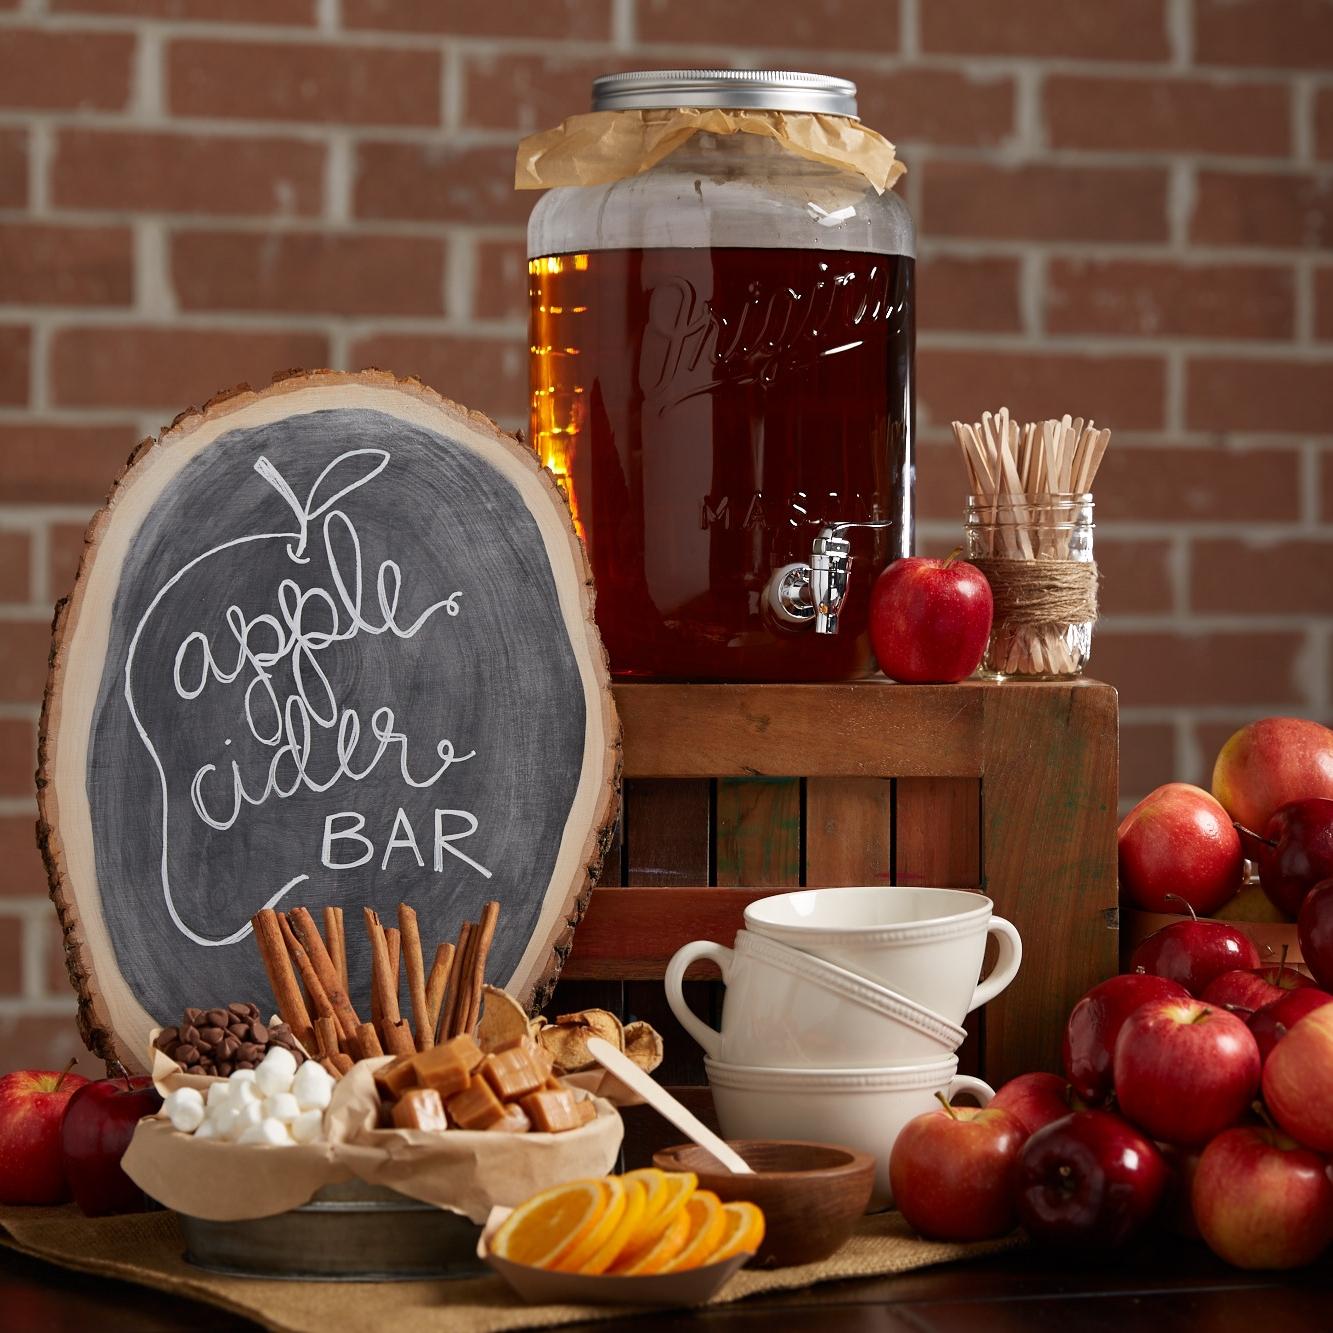 Apple Cider Bar for  Oshkosh B'Gosh |  Steve Pomberg